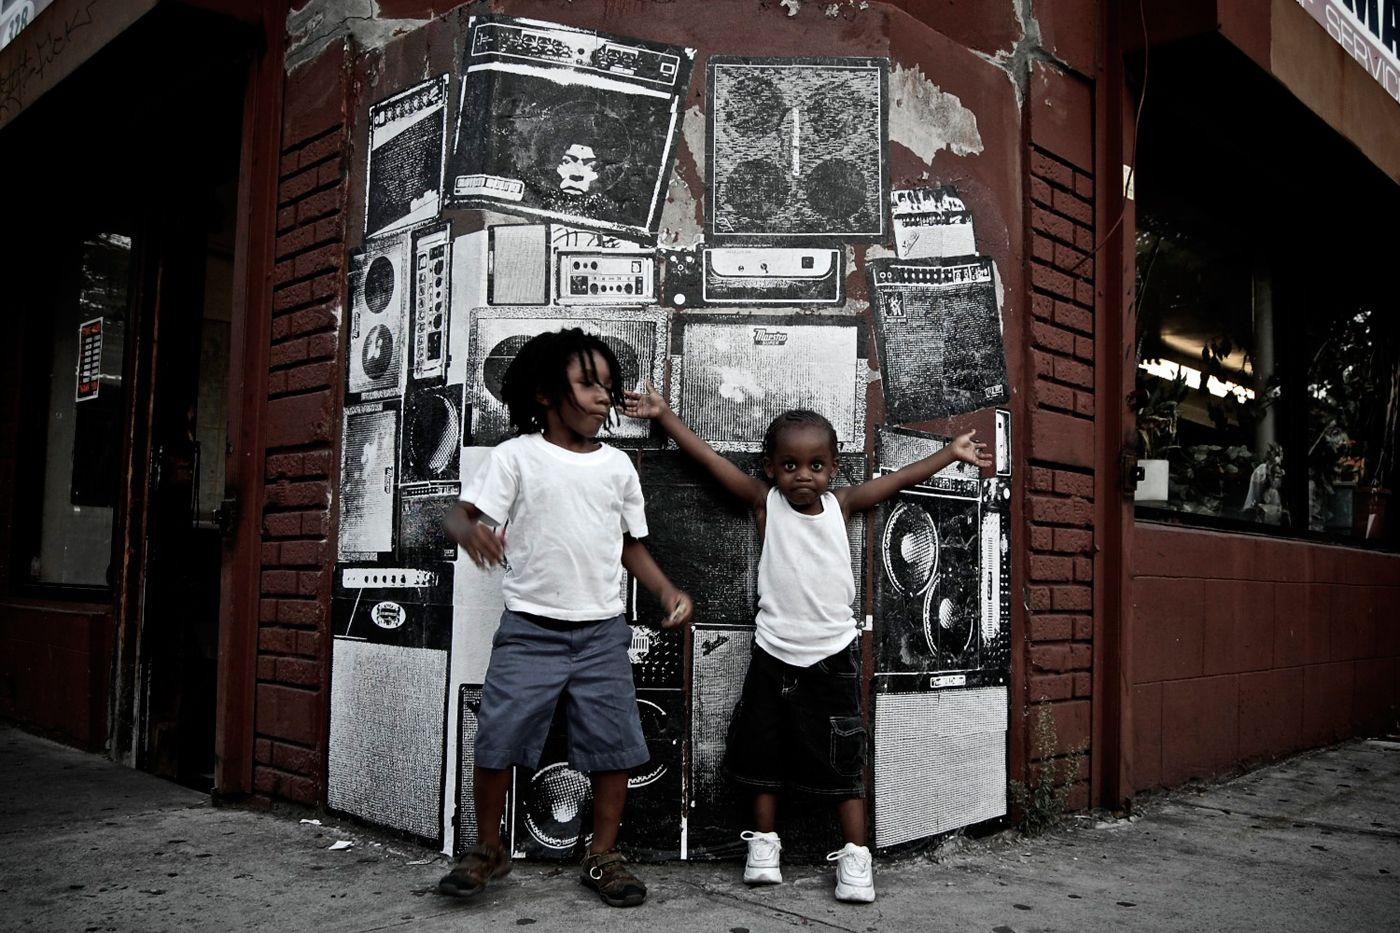 f61ead363b1c5c3c0cd6f0df4aaf8c24 - Posters R Us Oakland Gardens Ny